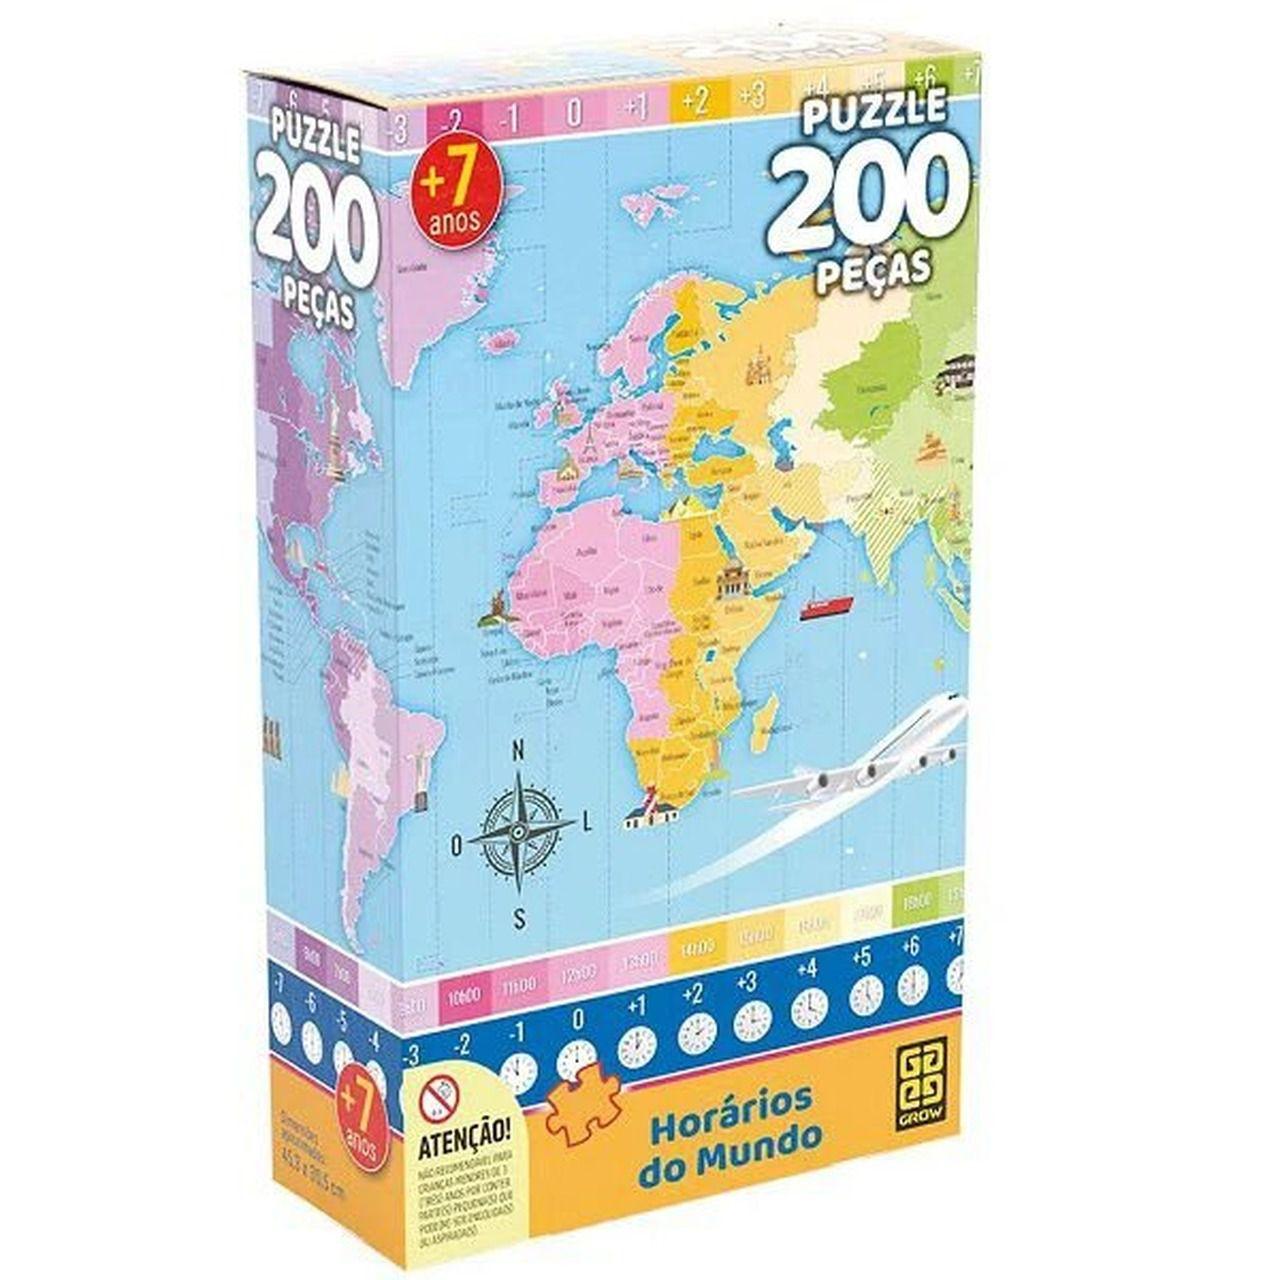 Quebra Cabeça Horários do Mundo 200 Peças - Grow 3932